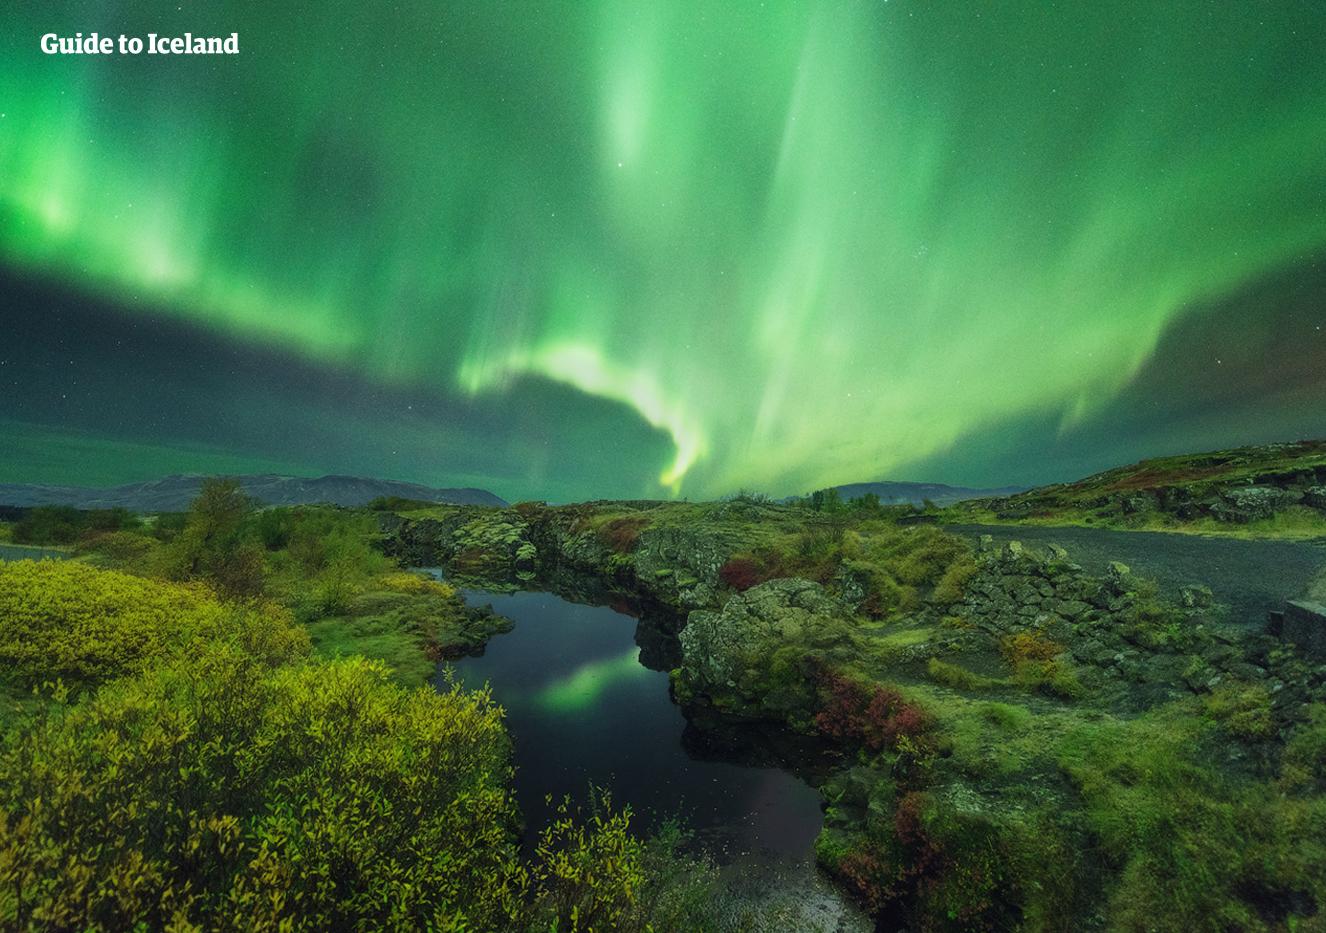 冰岛丝浮拉大裂缝中注满了纯净的冰川水,能见度可达100米,是浮潜的完美地点。